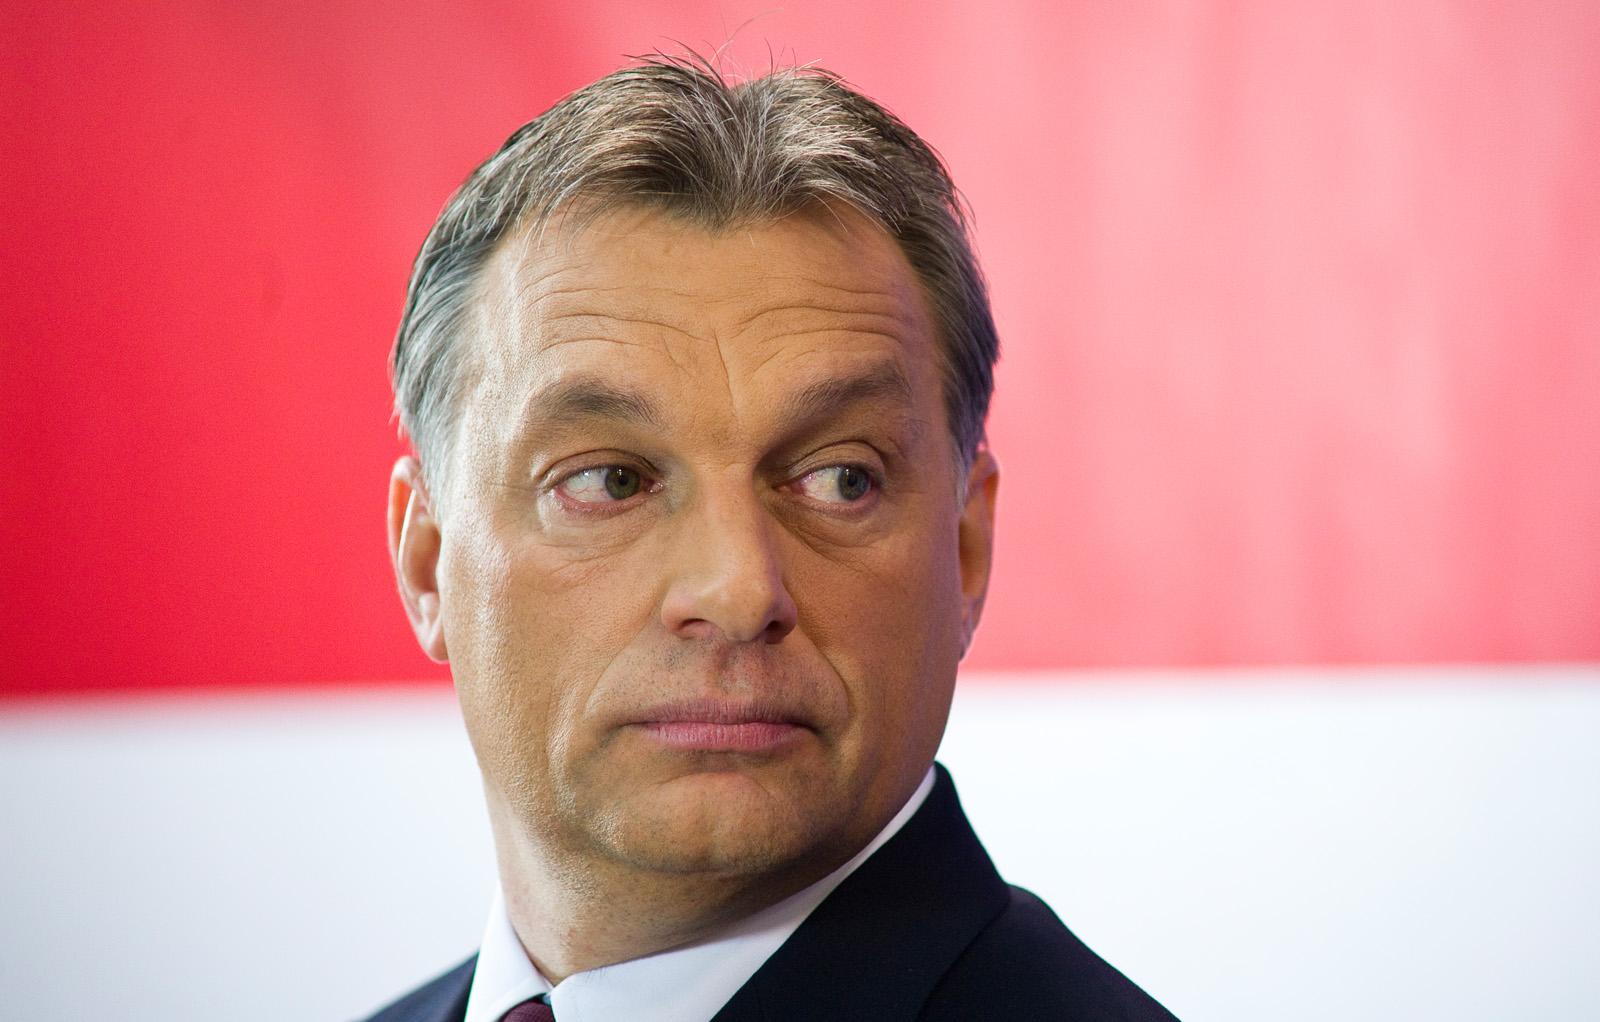 Orban zaskoczył Europę. Szokująca, gigantyczna obniżka podatków